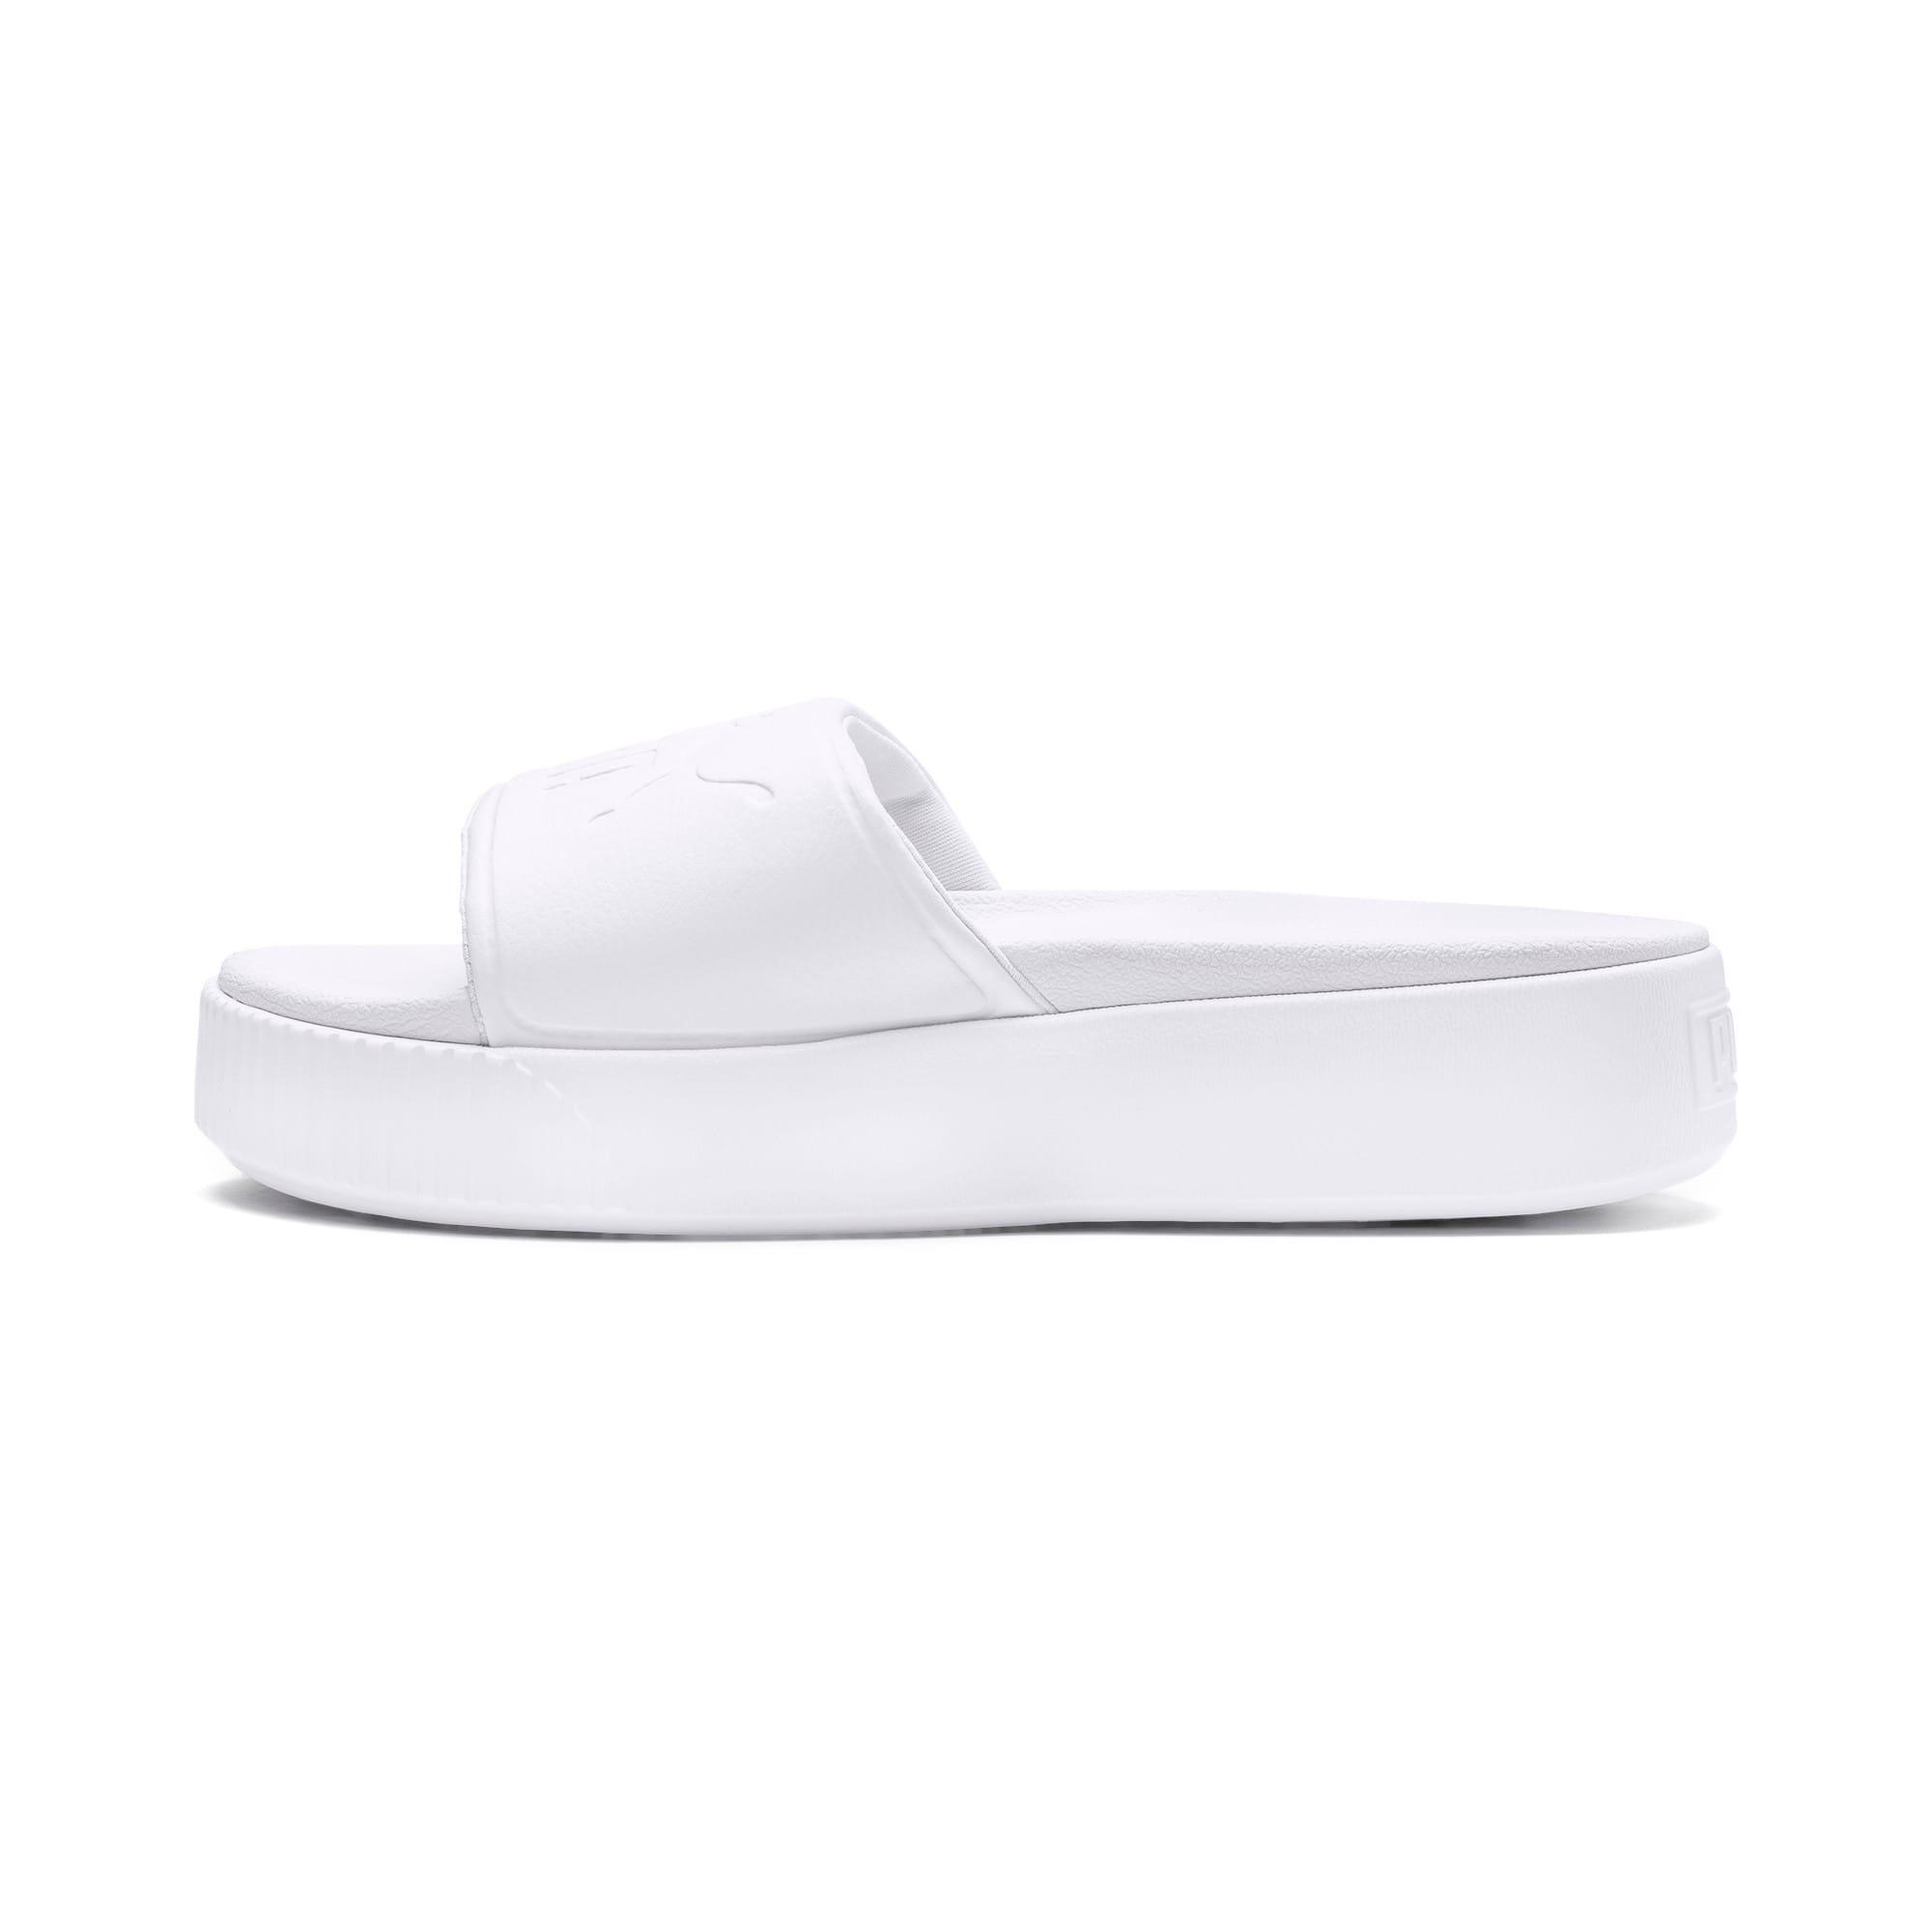 Thumbnail 1 of Platform Slide Bold Women's Sandals, Puma White-Puma White, medium-IND